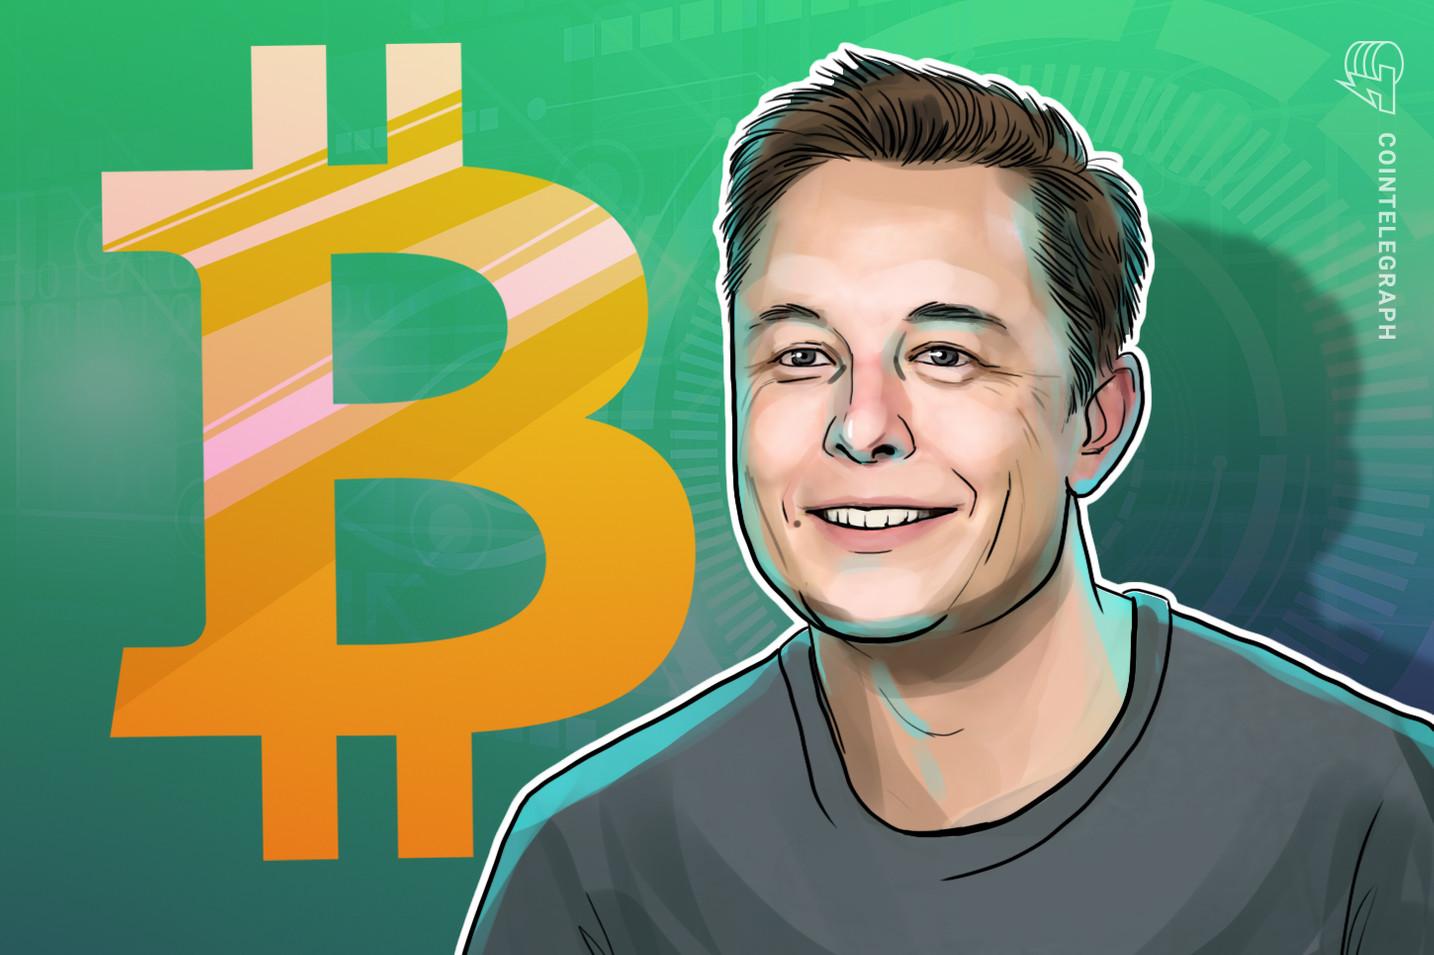 Elon Musk sier at Bitcoin kanskje allerede har nådd sin referanseindeks for fornybar energi